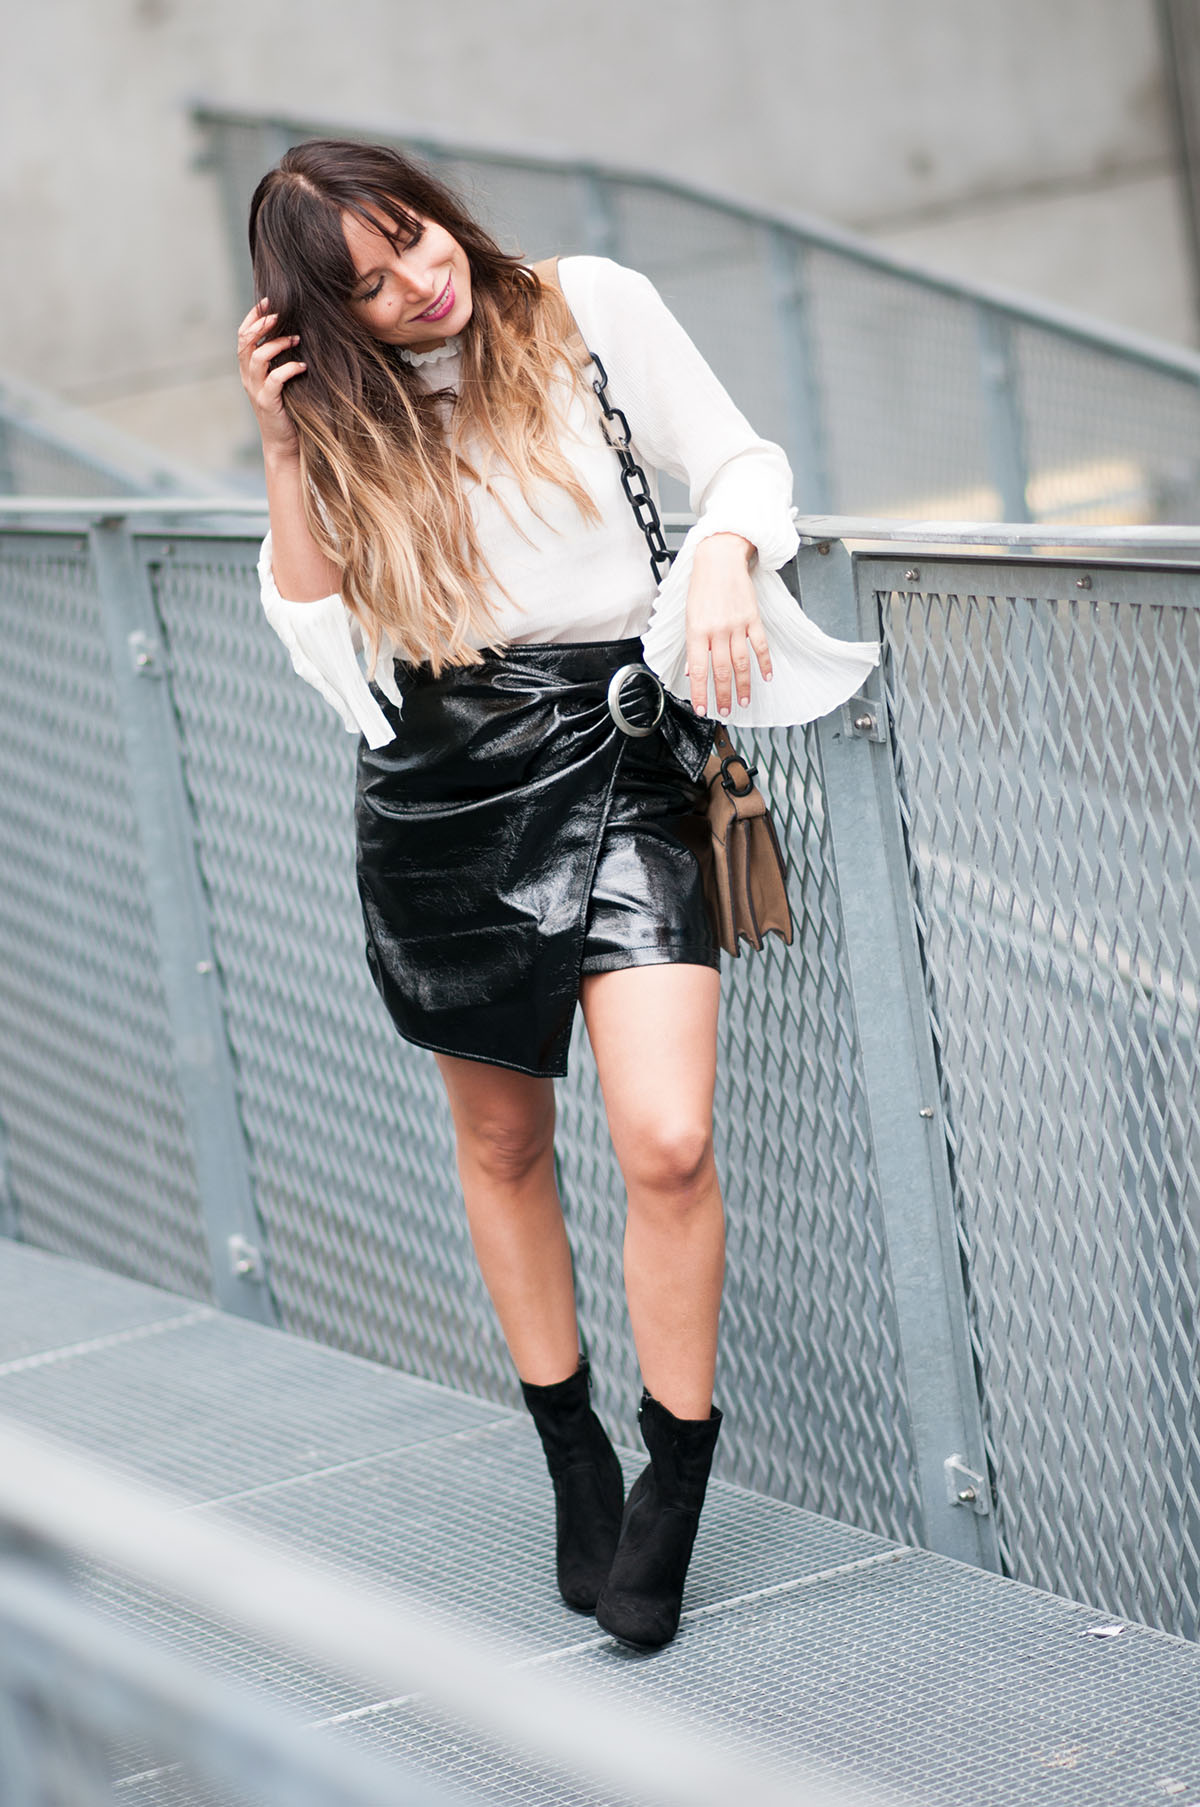 chemisier-blanc-manche-cloches-hm-jupe-noire-vernie